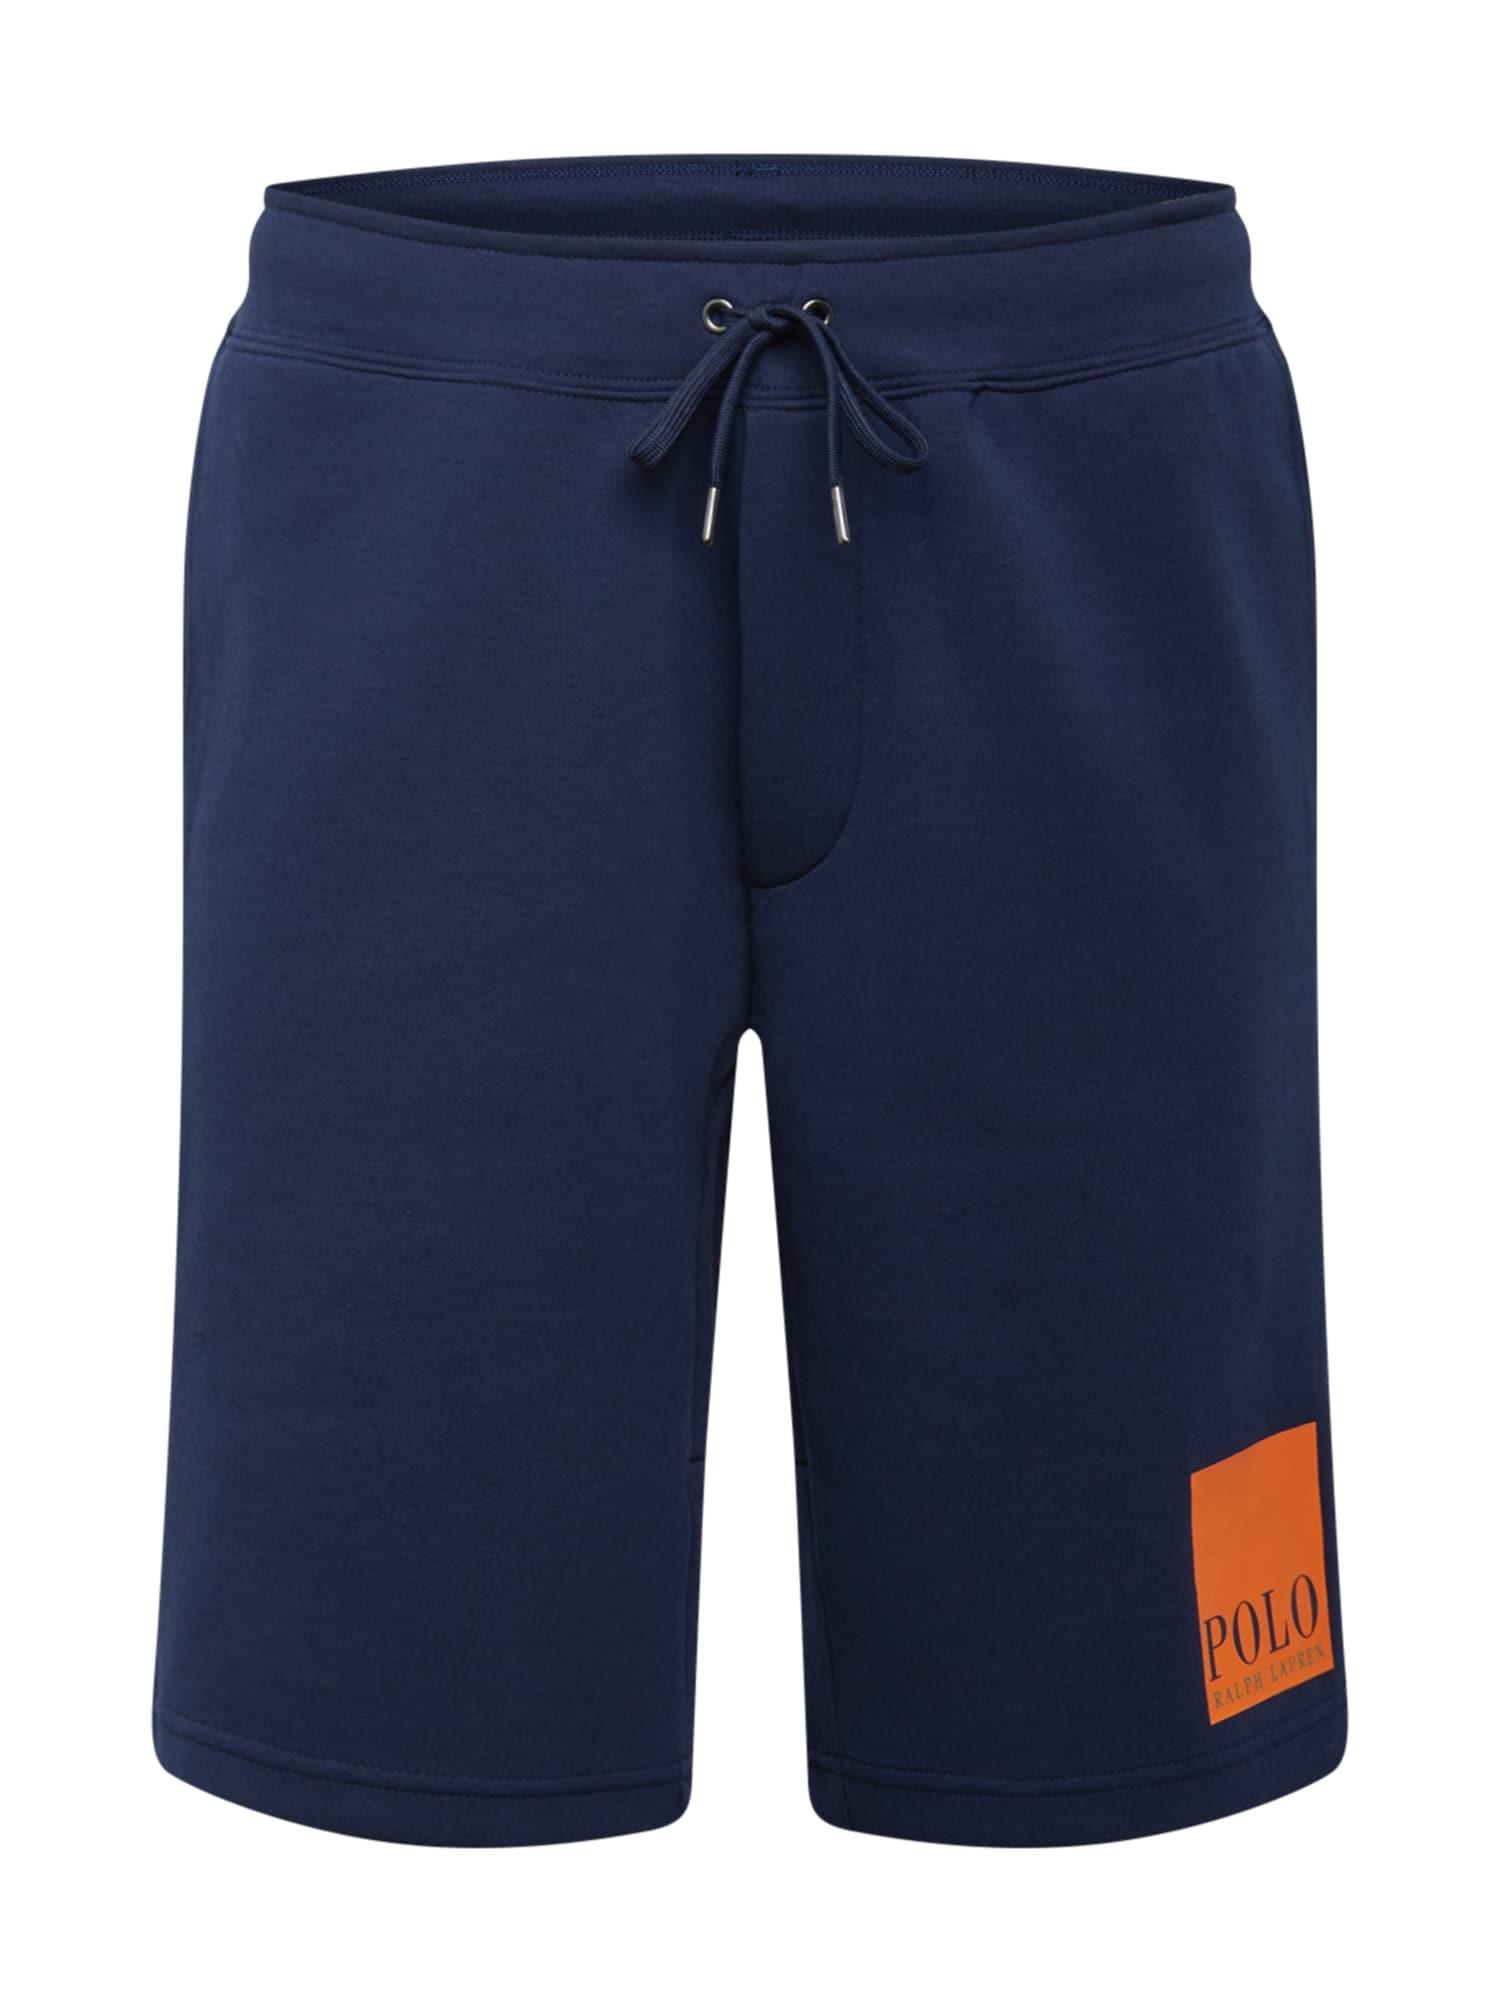 POLO RALPH LAUREN Kelnės tamsiai mėlyna / tamsiai oranžinė